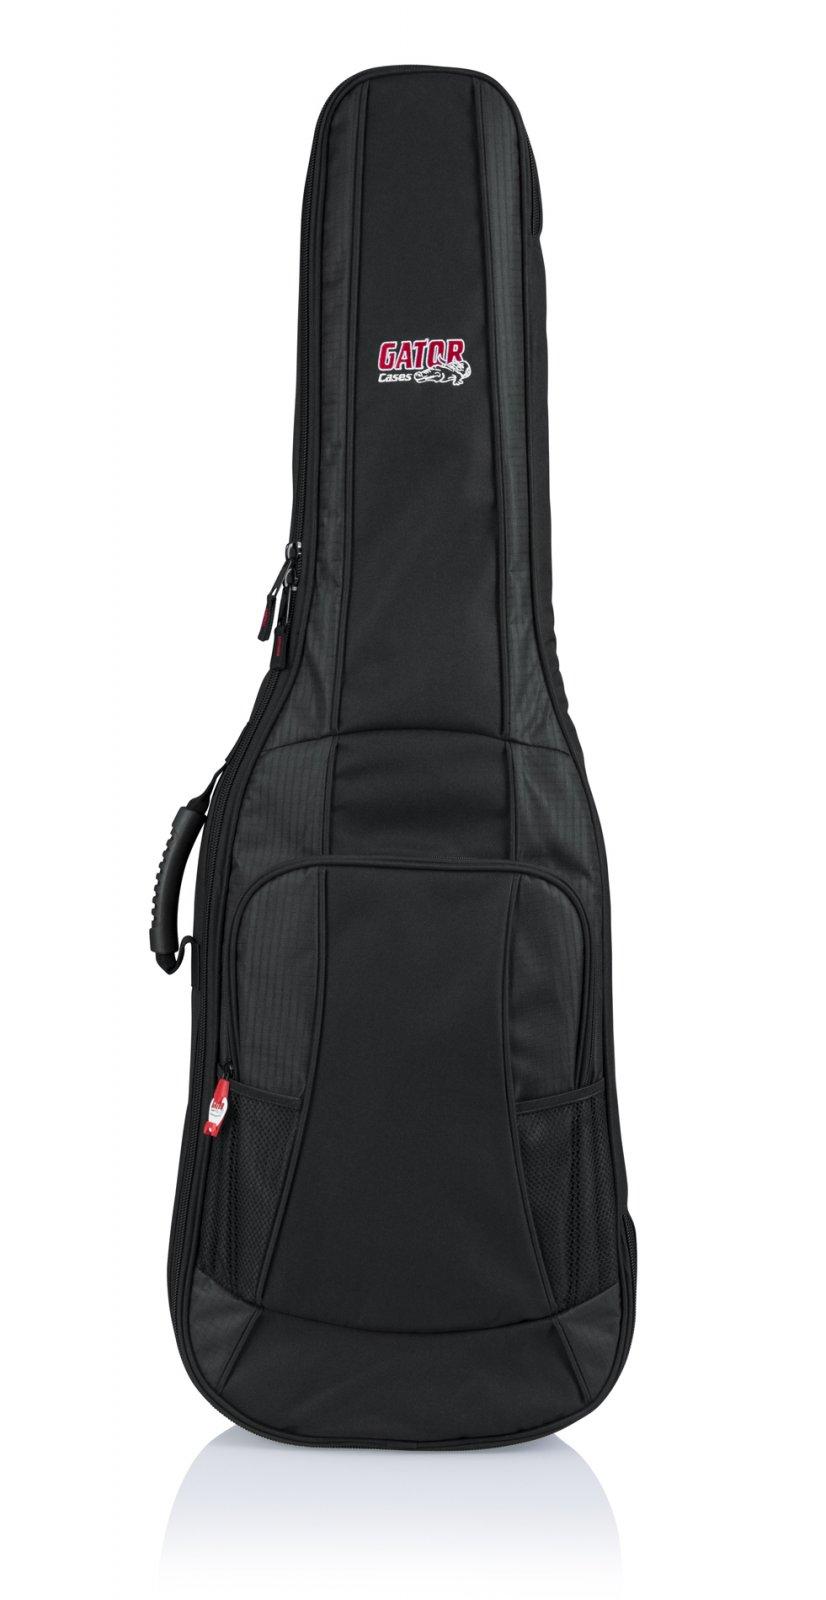 Gator GB-4G Electric Gig Bag